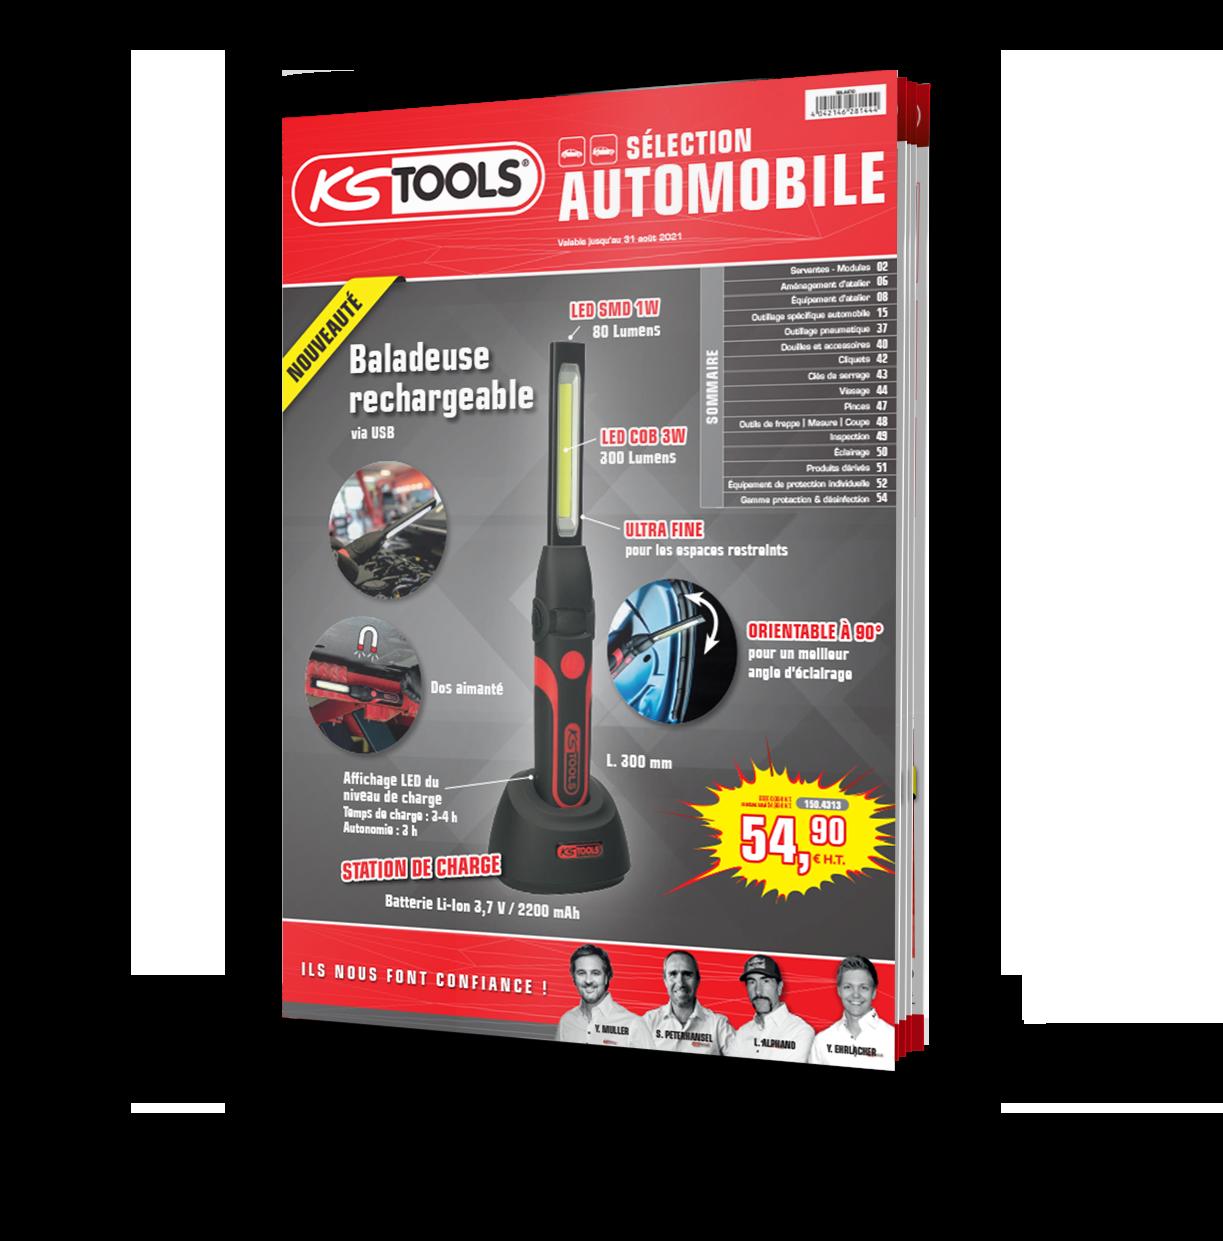 sélection ks tools automobile 2021